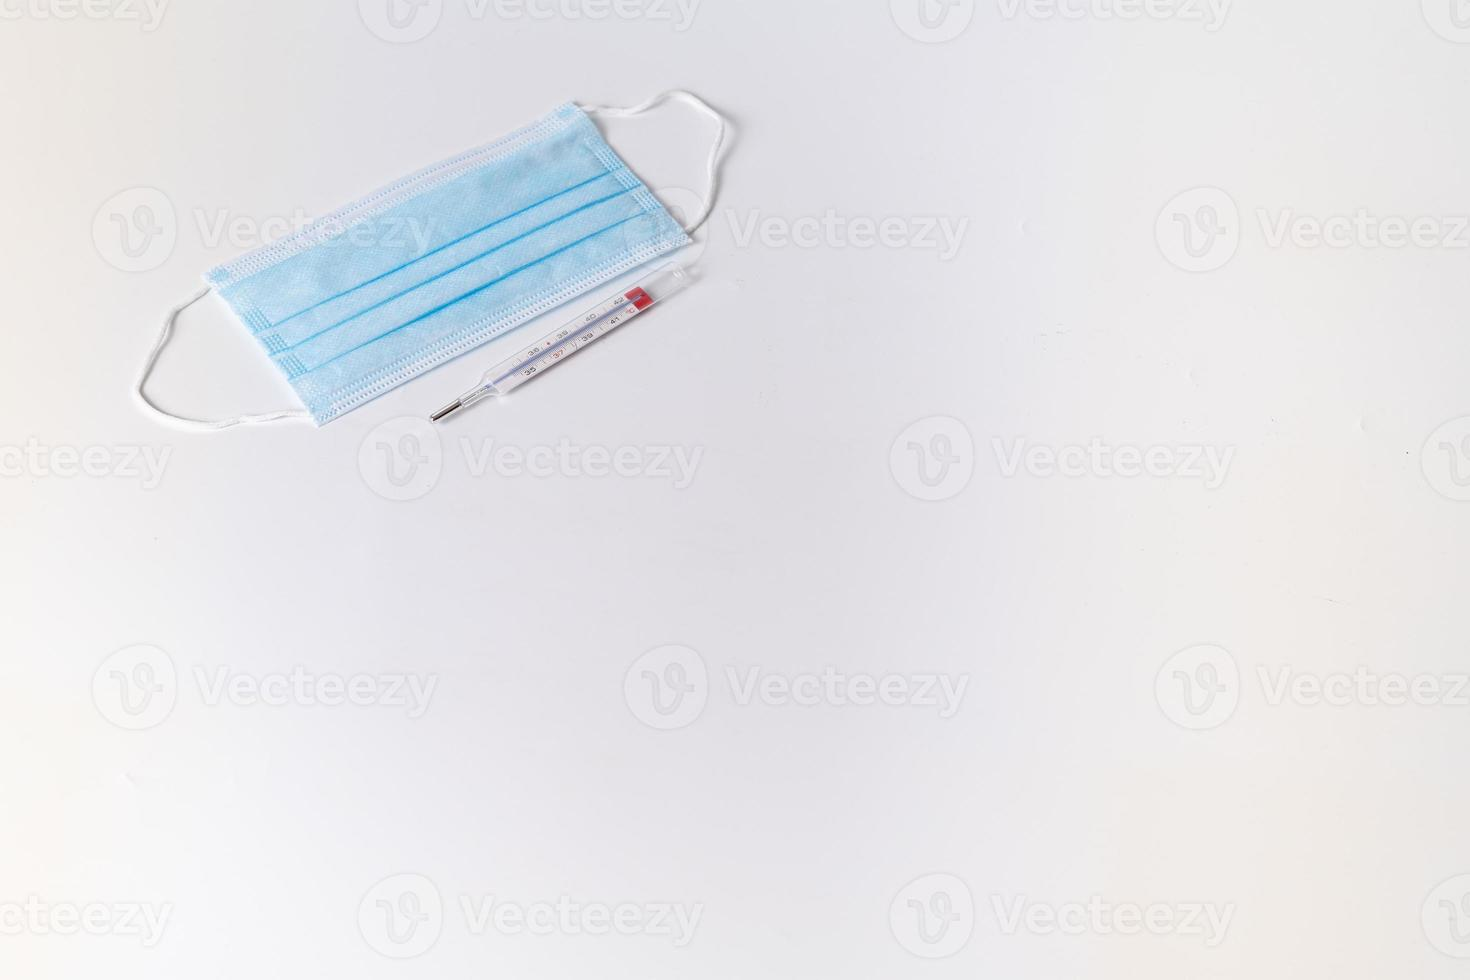 mascarilla quirúrgica con termómetro foto